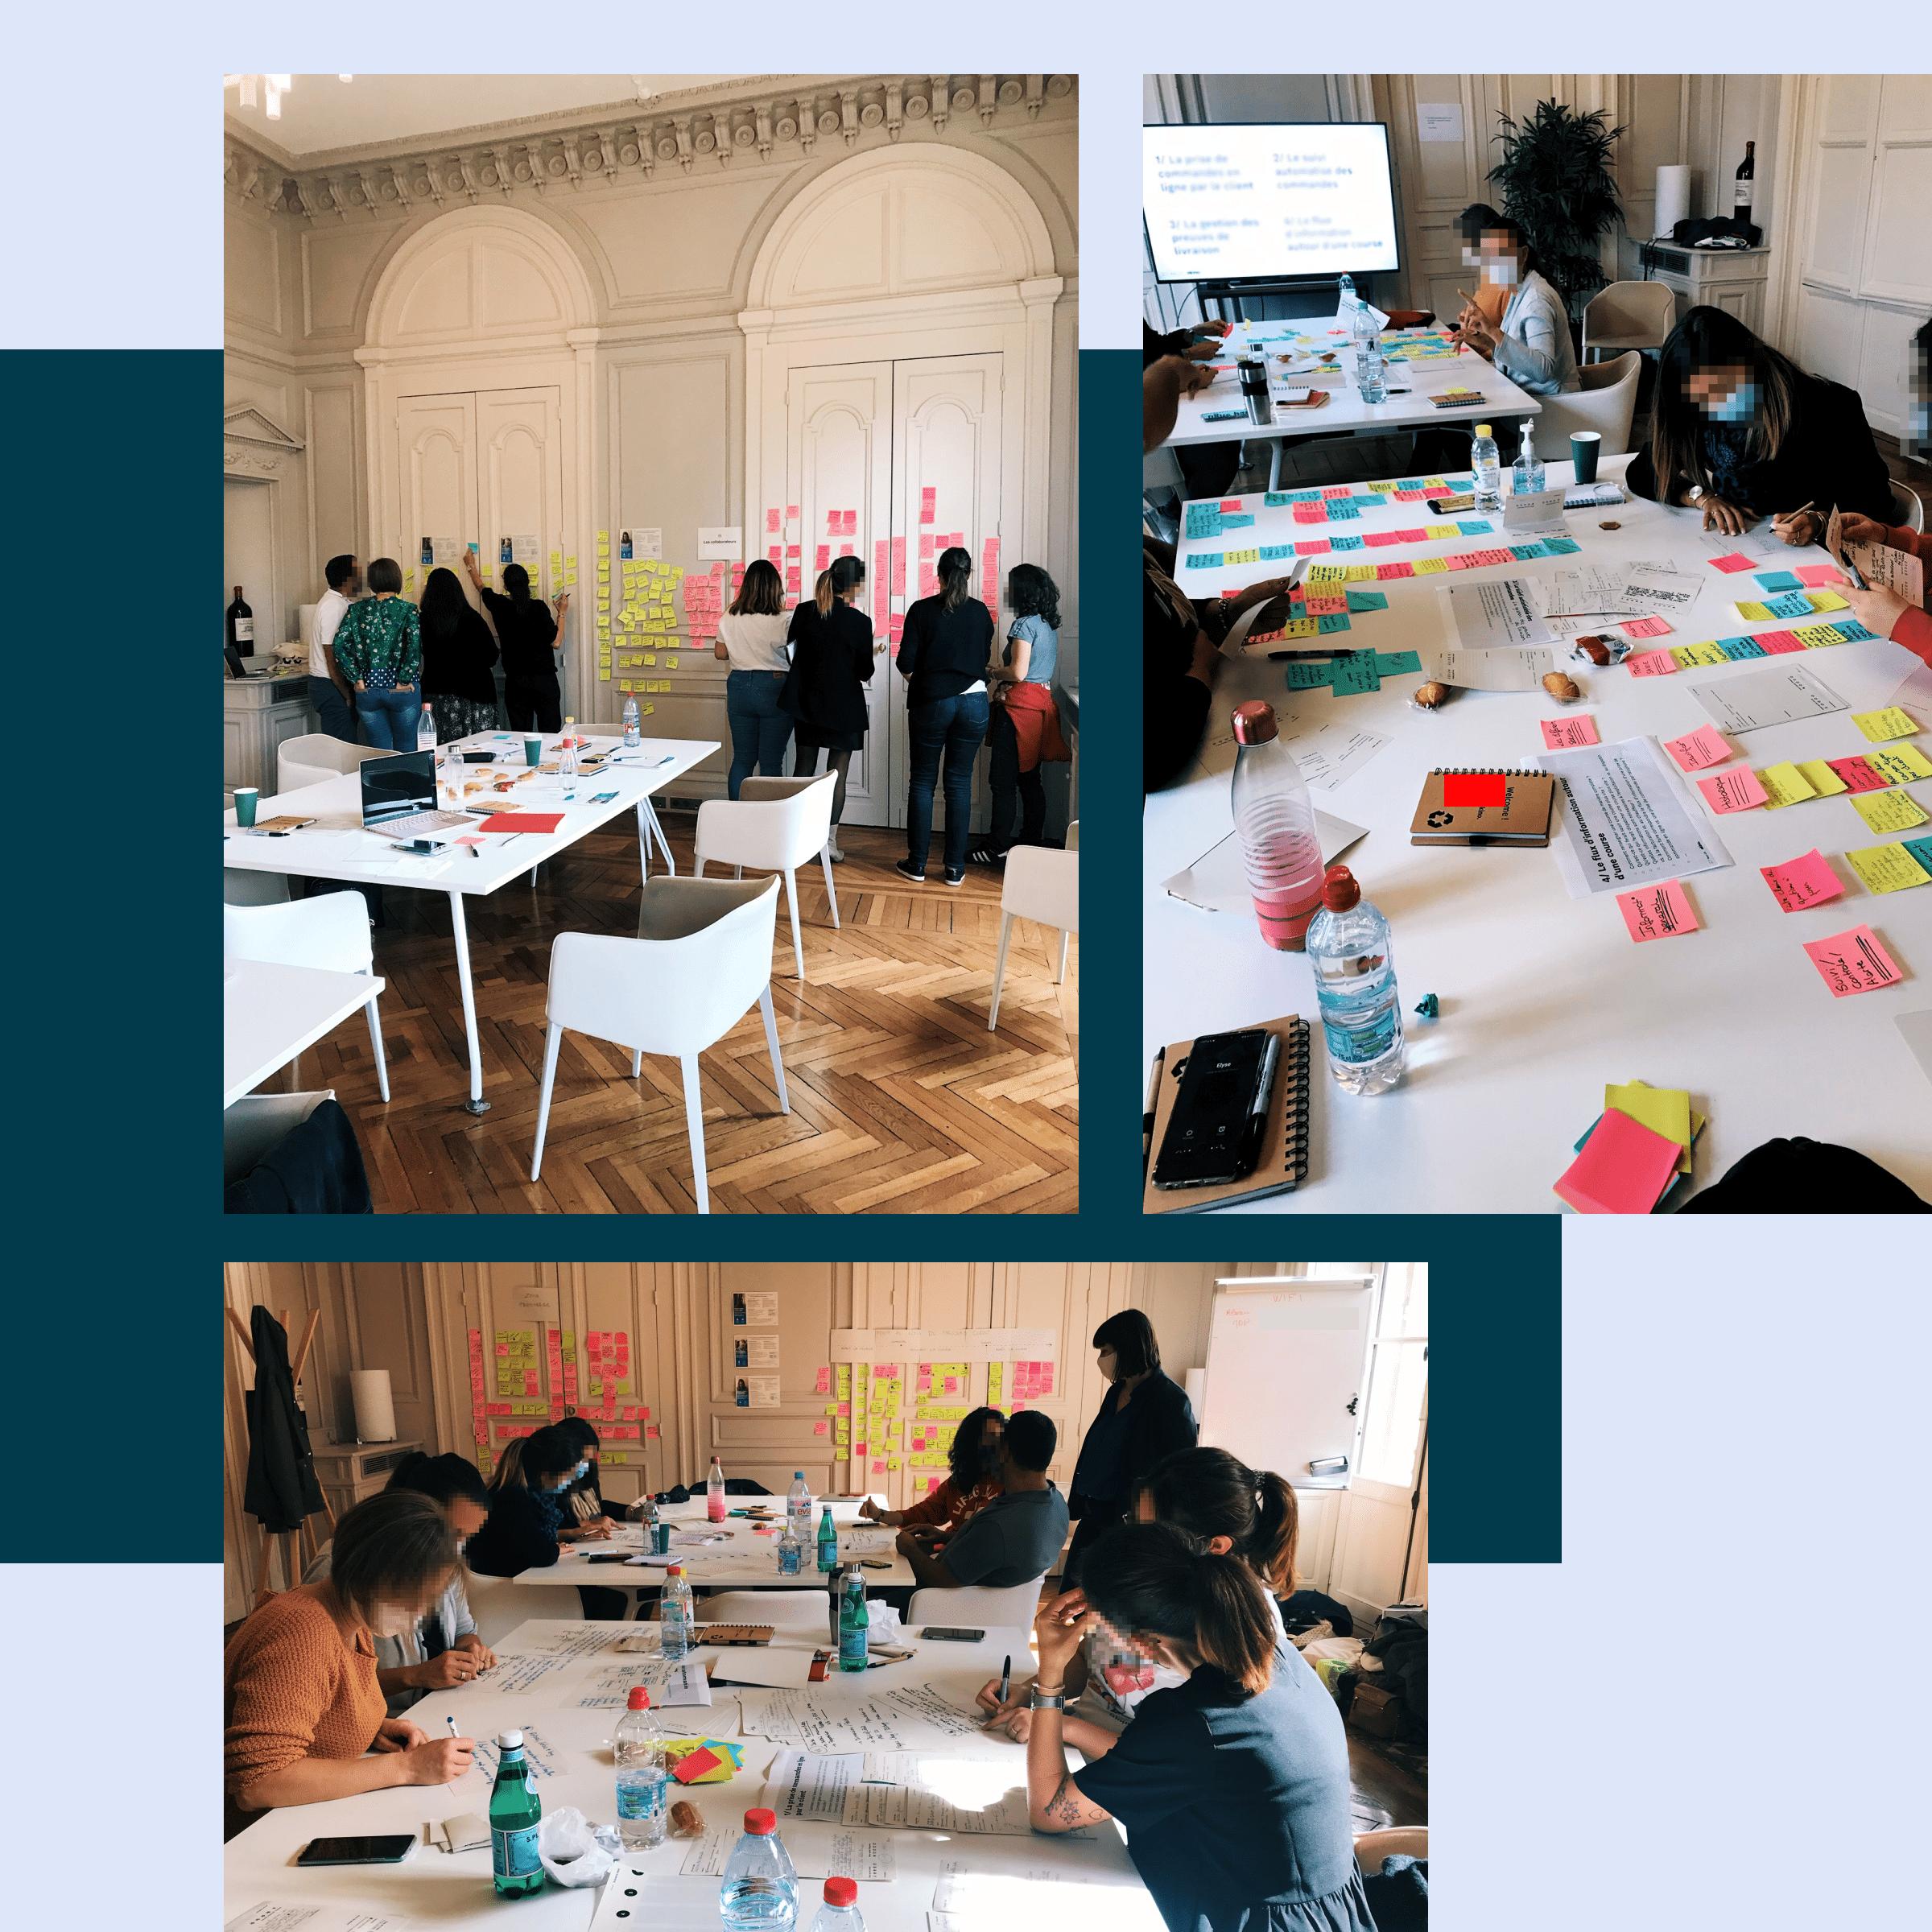 Montage photos de l'atelier d'idéation montrant les participants travailler ensemble